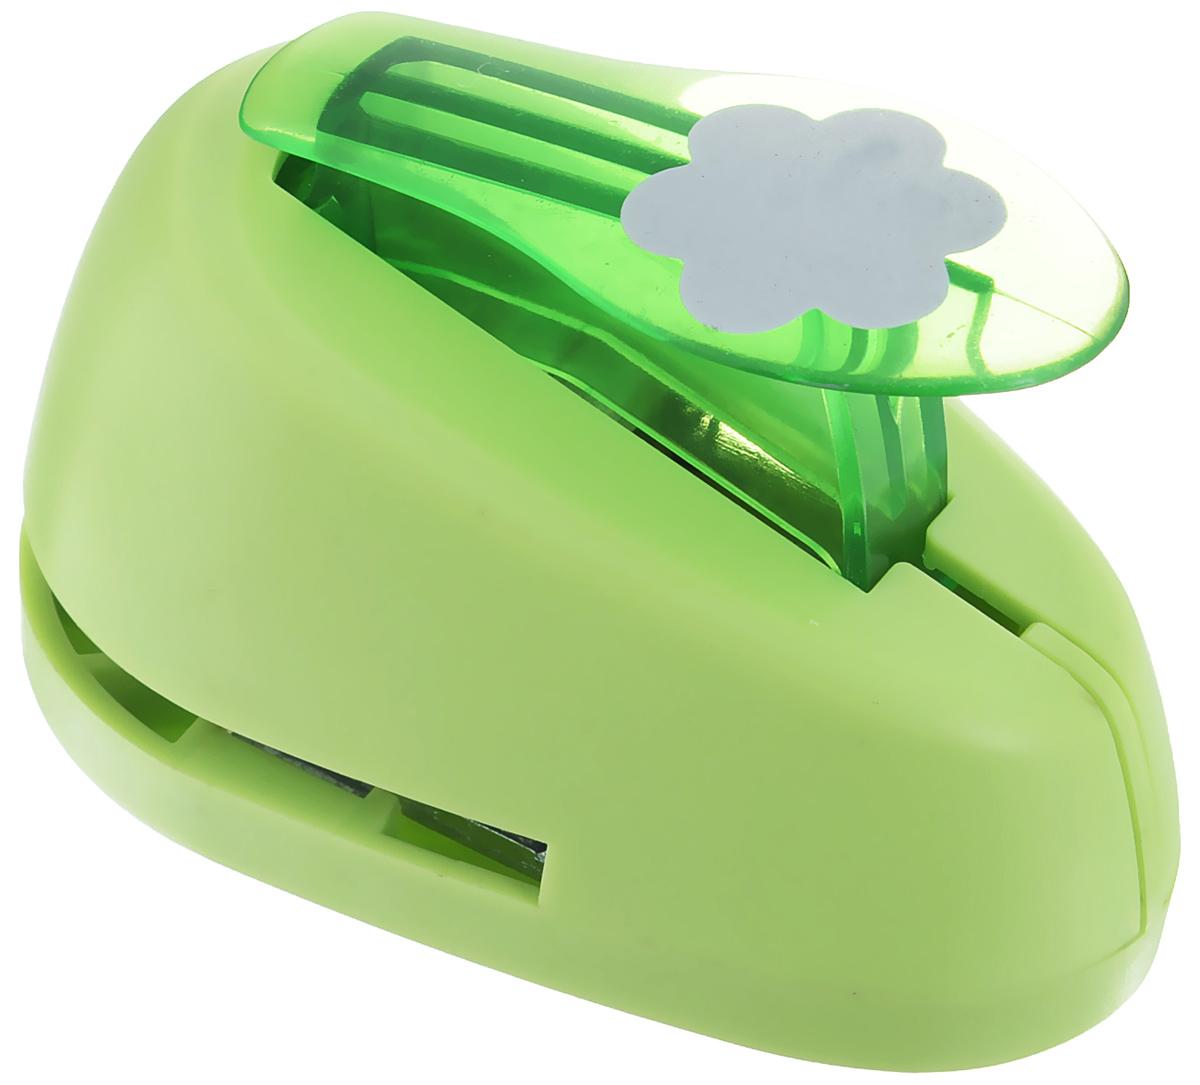 Дырокол фигурный Hobbyboom Цветок, №3, цвет: зеленый, 2,5 смCD-99M-003_зеленыйДырокол фигурный Hobbyboom Цветок, выполненный из прочного пластика и металла, используется в скрапбукинге для украшения открыток, карточек, коробочек и прочего. Применяется для прорезания фигурных отверстий в бумаге в форме цветов. Вырезанный элемент также можно использовать для украшения. Предназначен для бумаги плотностью от 80 до 200 г/м2. При применении на бумаге большей плотности или на картоне, дырокол быстро затупится. Чтобы заточить нож компостера, нужно прокомпостировать самую тонкую наждачку. Размер дырокола: 4,7 см х 8 см х 5,5 см. Диаметр готовой фигурки: 2,5 см.